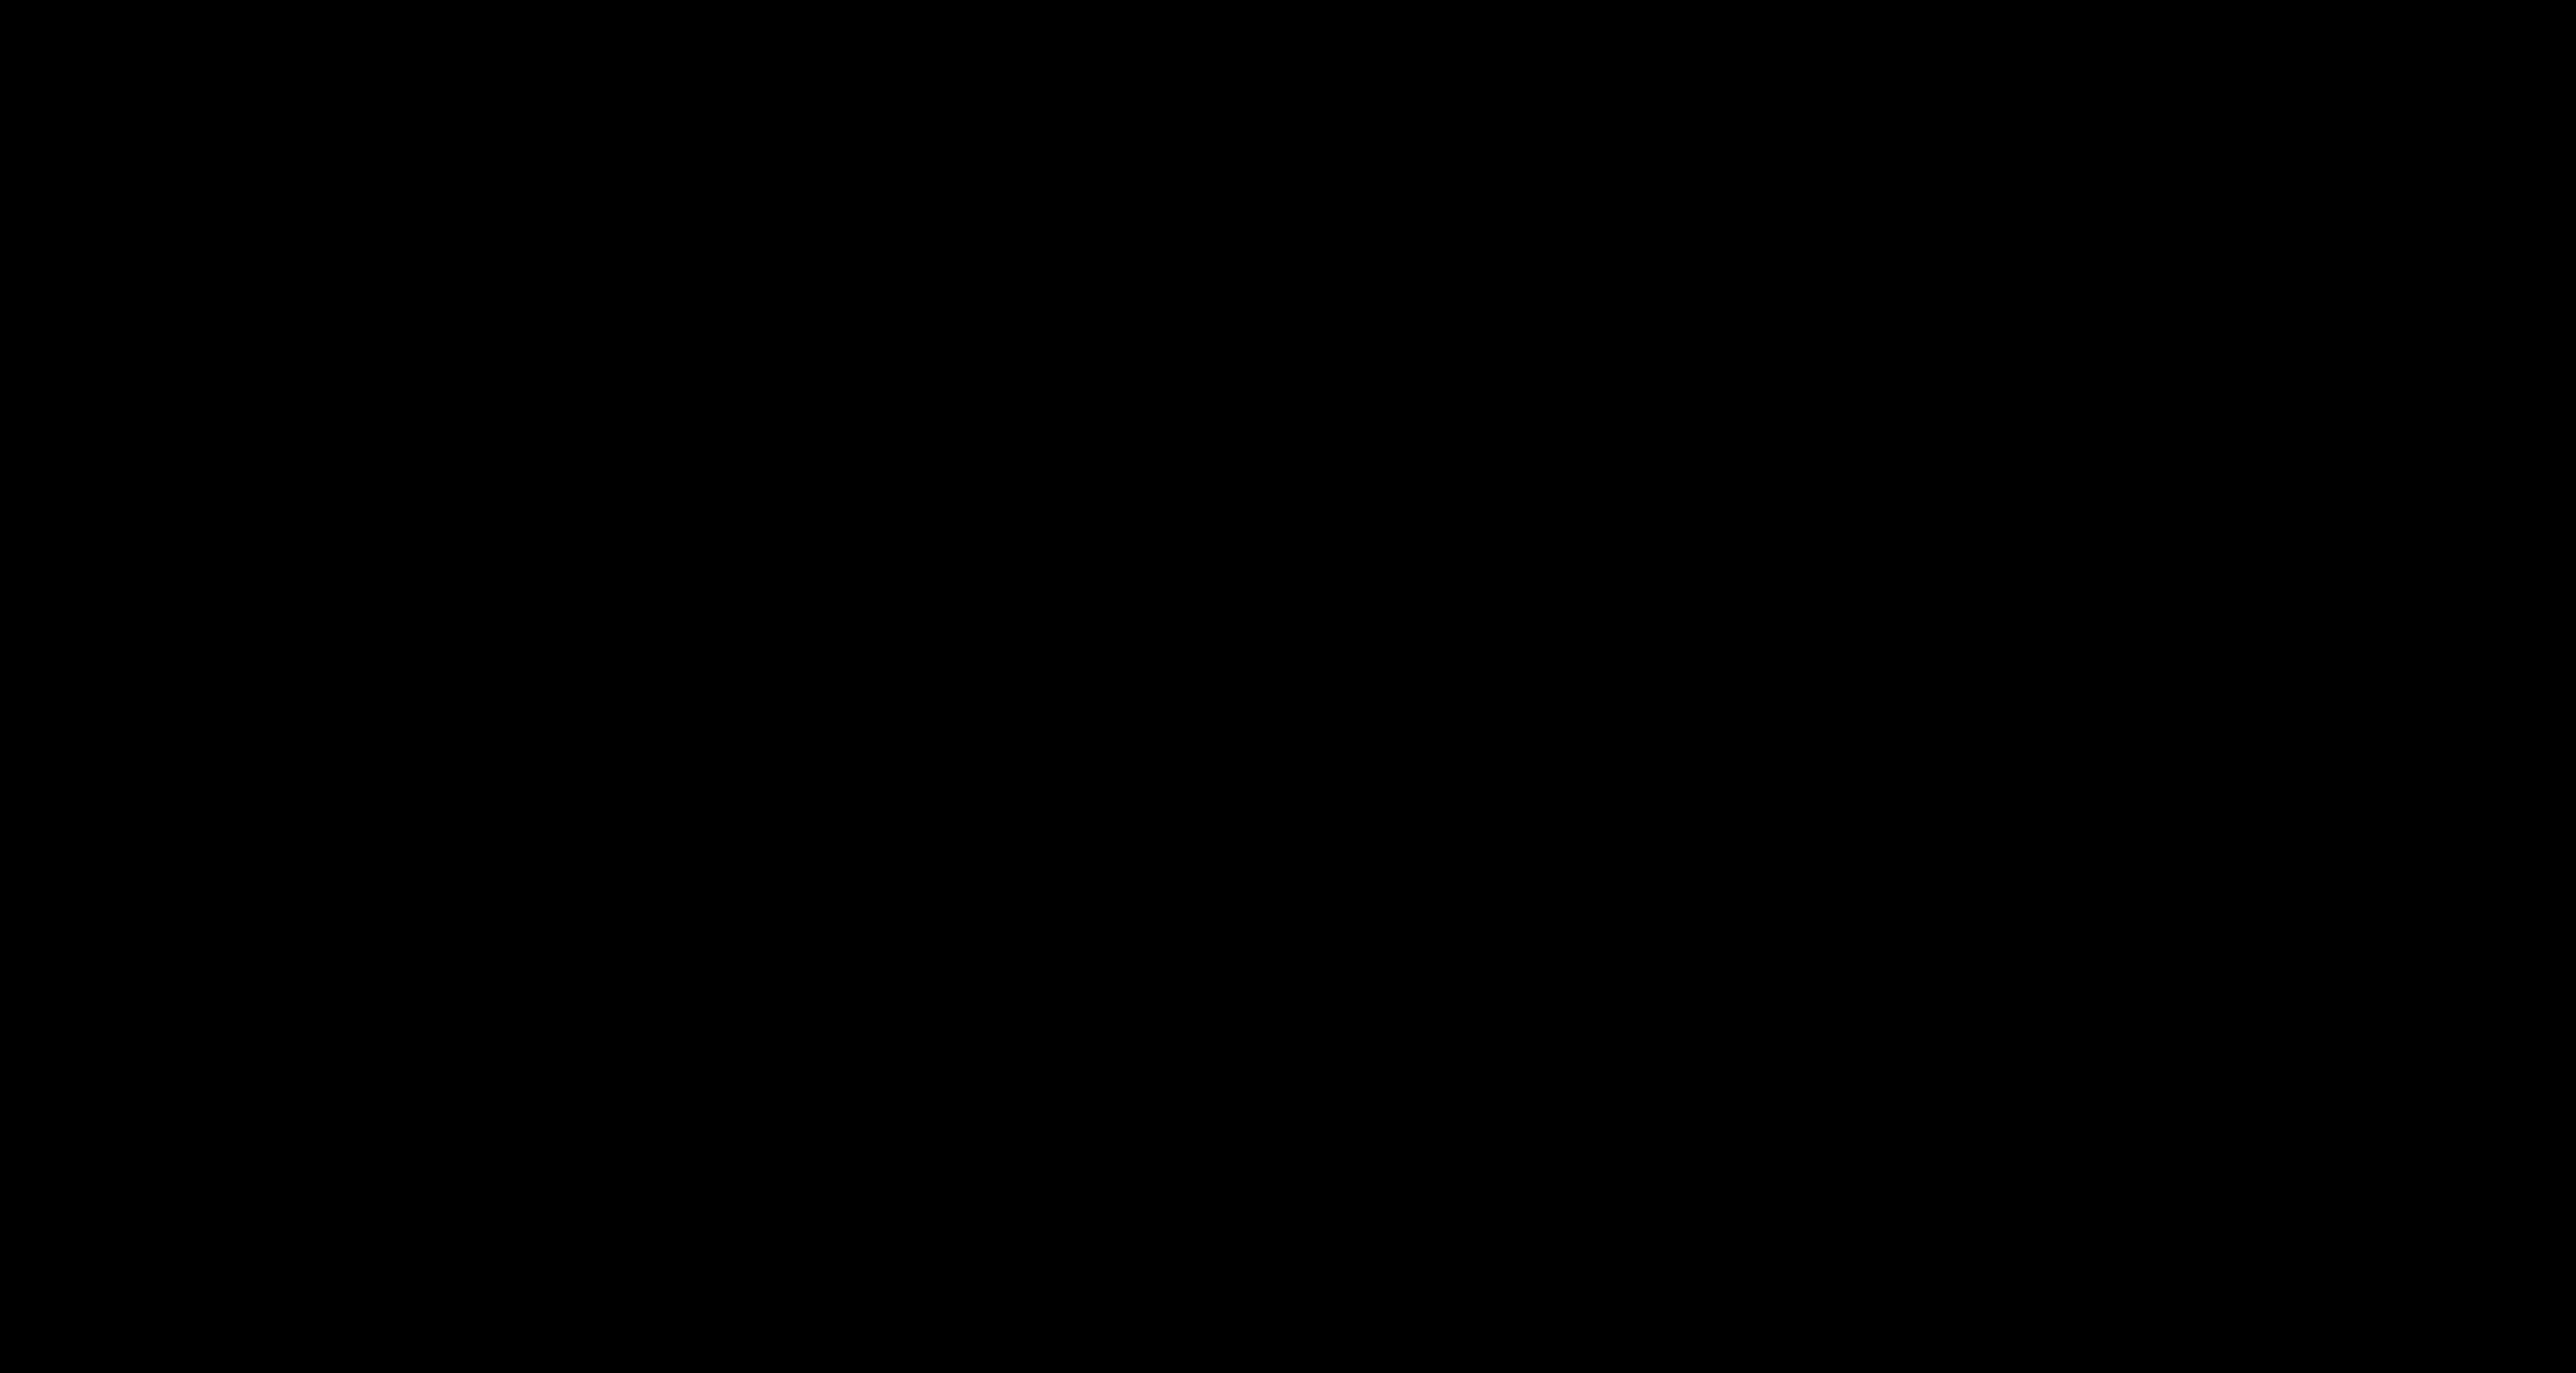 ExB at DIA 2019